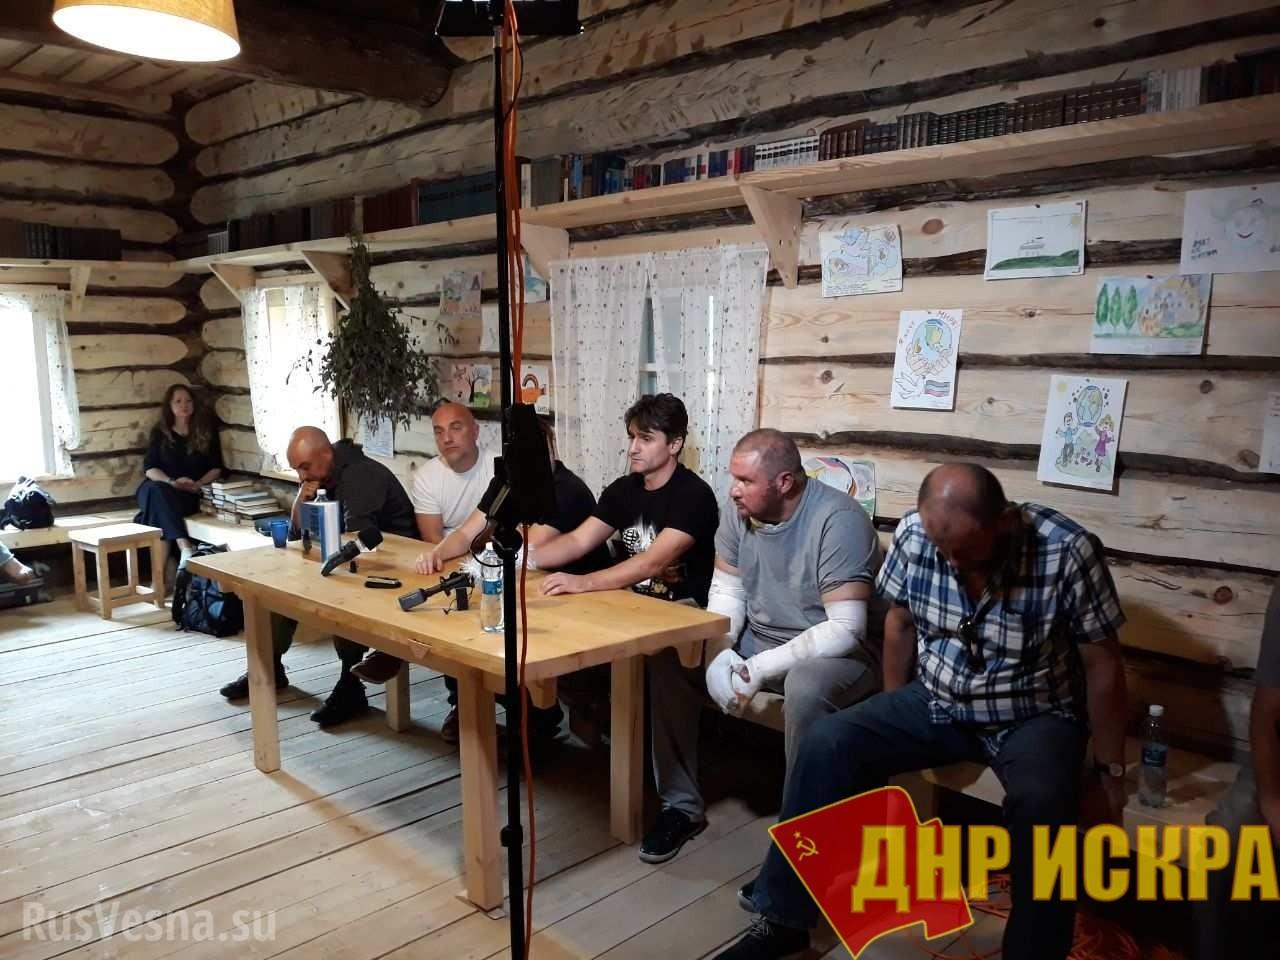 Слухи об аресте не подтвердились: «Ташкент» принимает участие в мероприятии в Подмосковье (ФОТО)